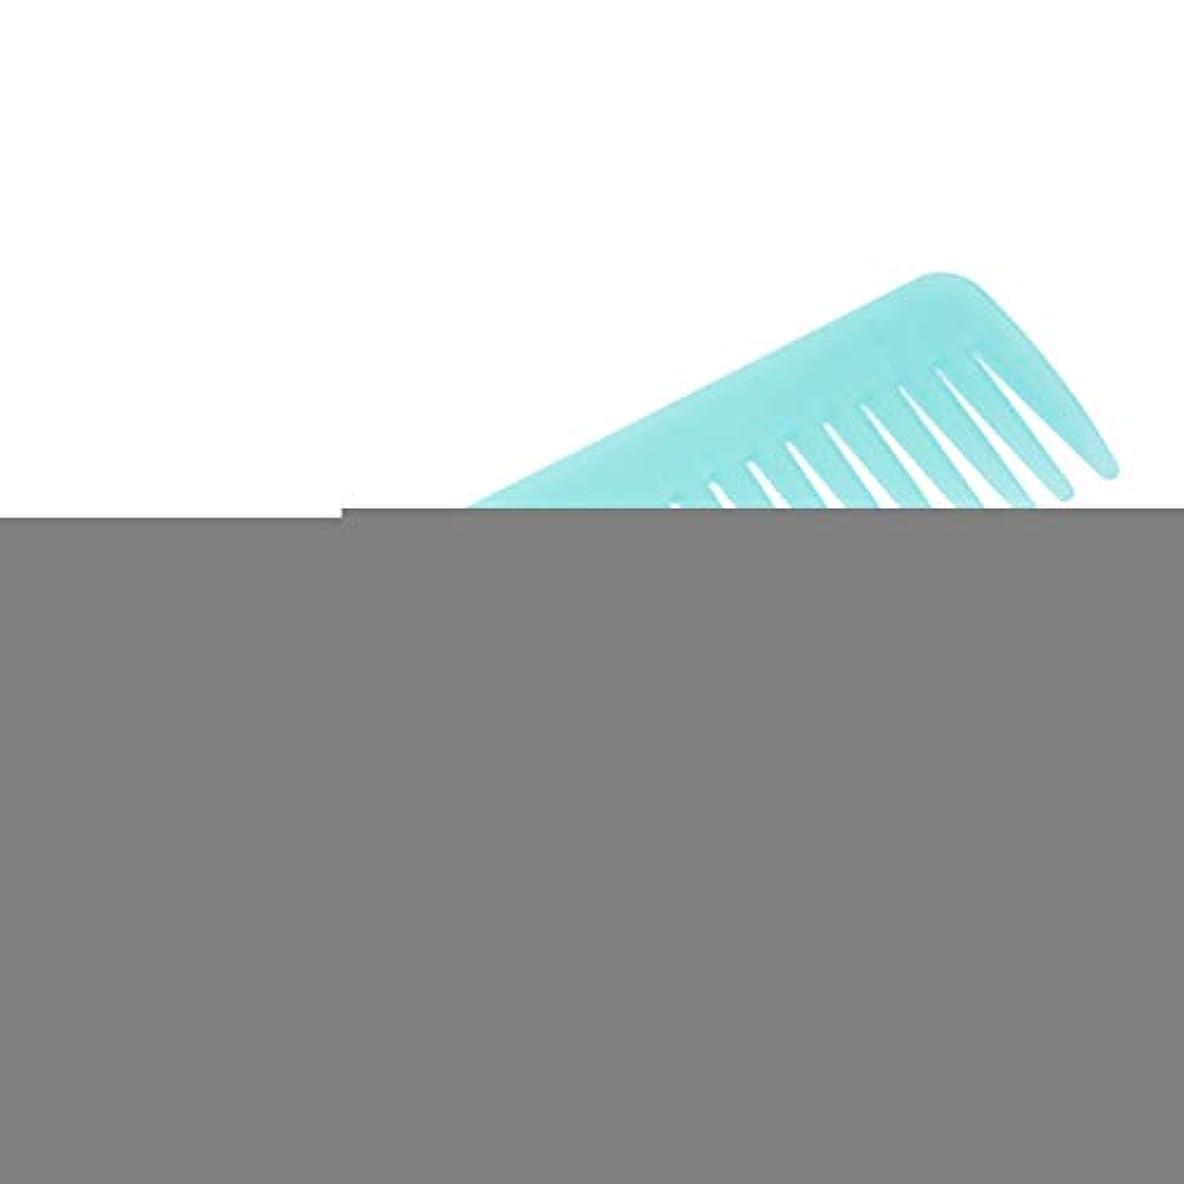 ラッカスアウトドアフクロウプロの髪のくしゃくしゃヘアーコンディションの櫛幅のあるヘアブラシ - A